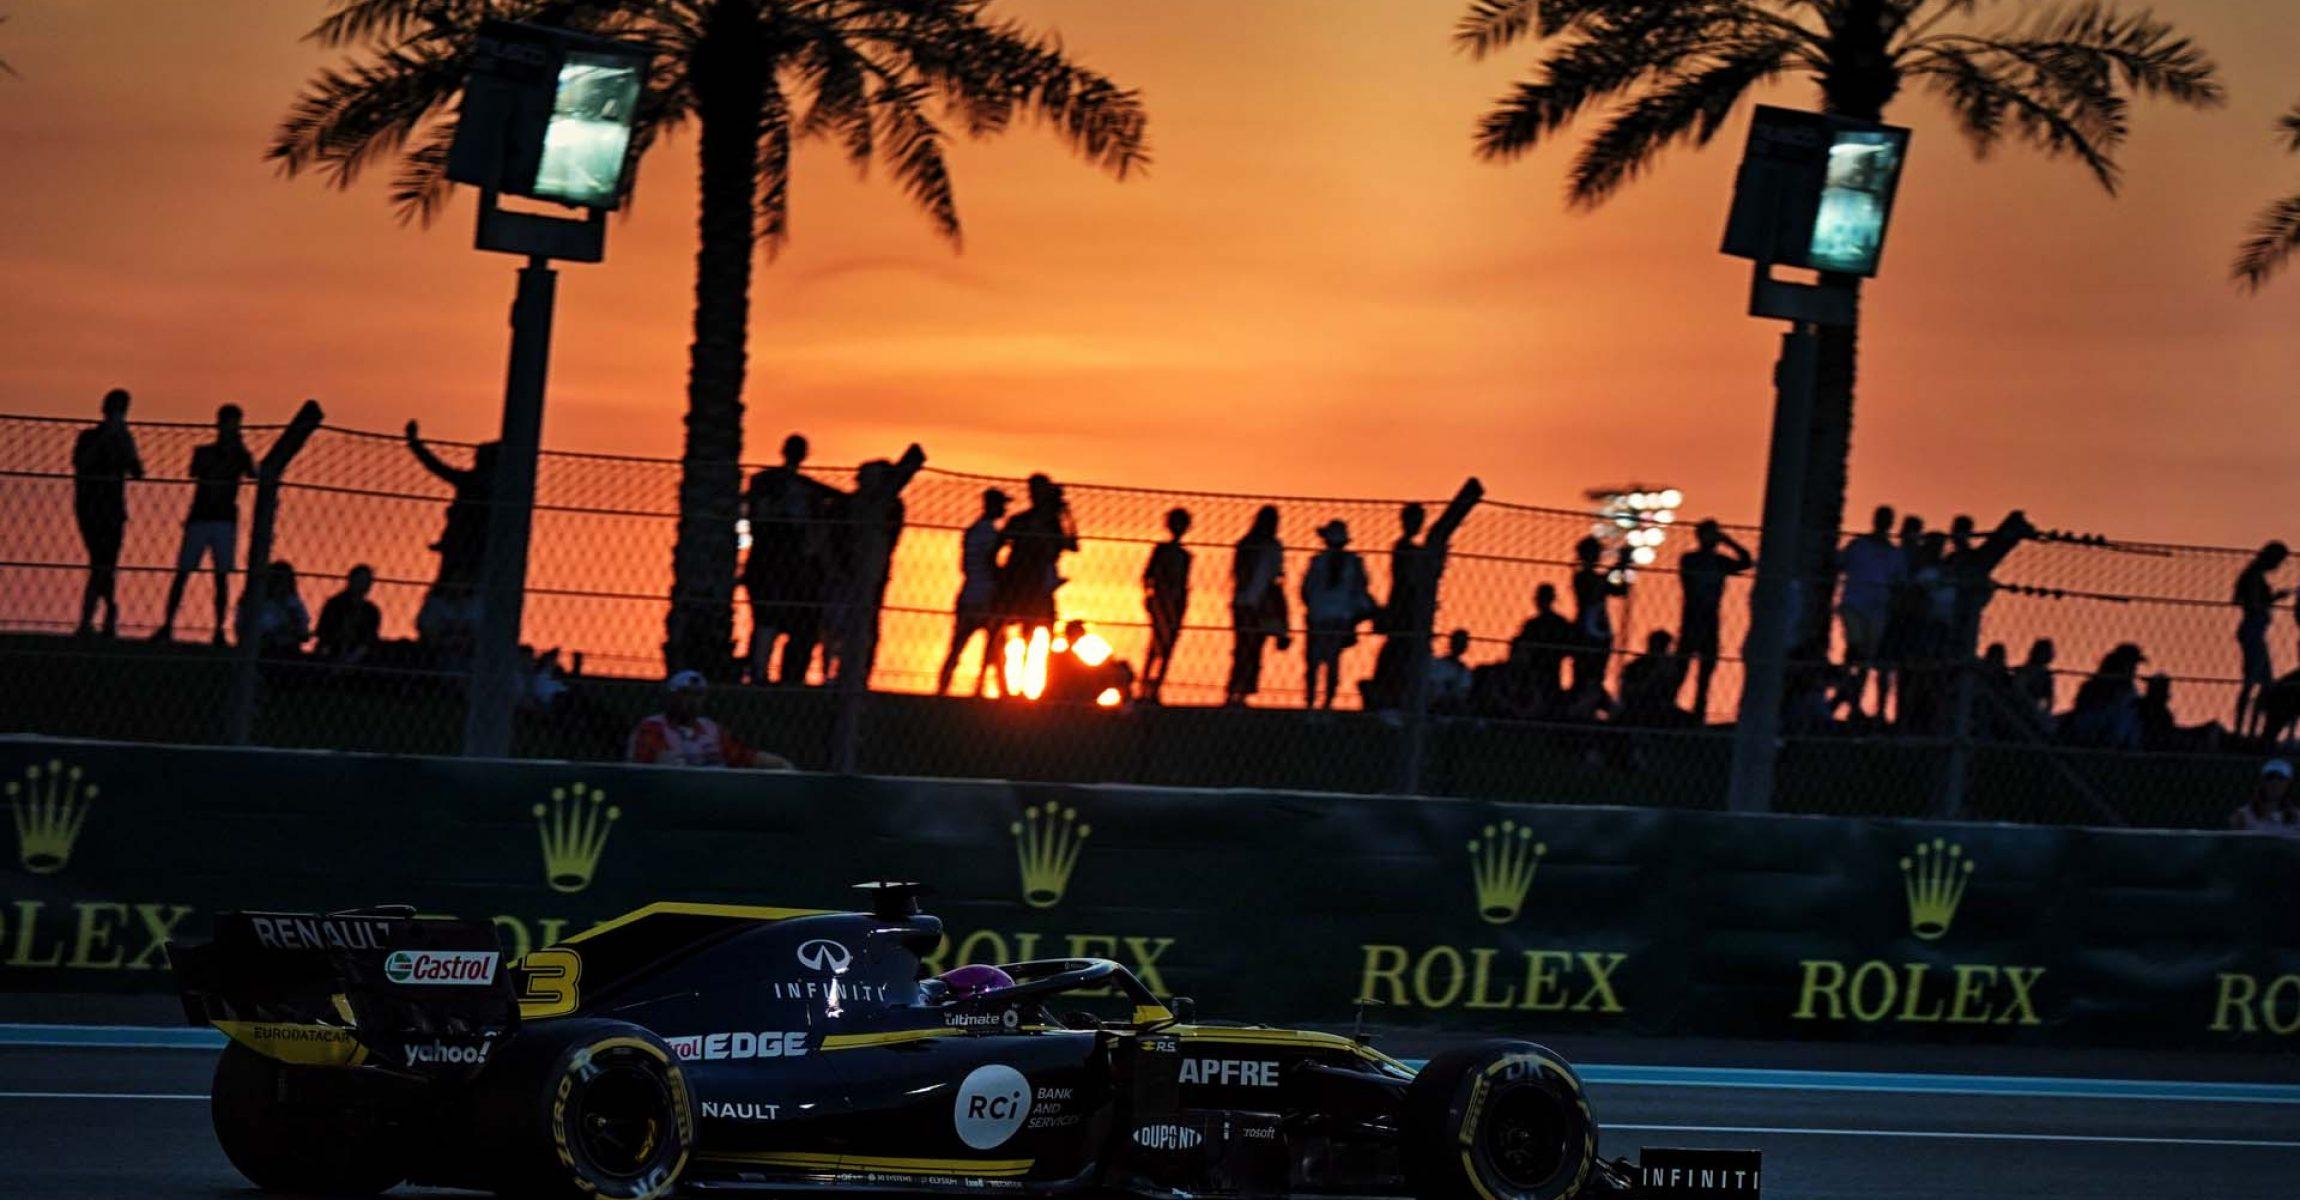 Daniel Ricciardo (AUS) Renault F1 Team RS19.                                Abu Dhabi Grand Prix, Friday 29th November 2019. Yas Marina Circuit, Abu Dhabi, UAE.